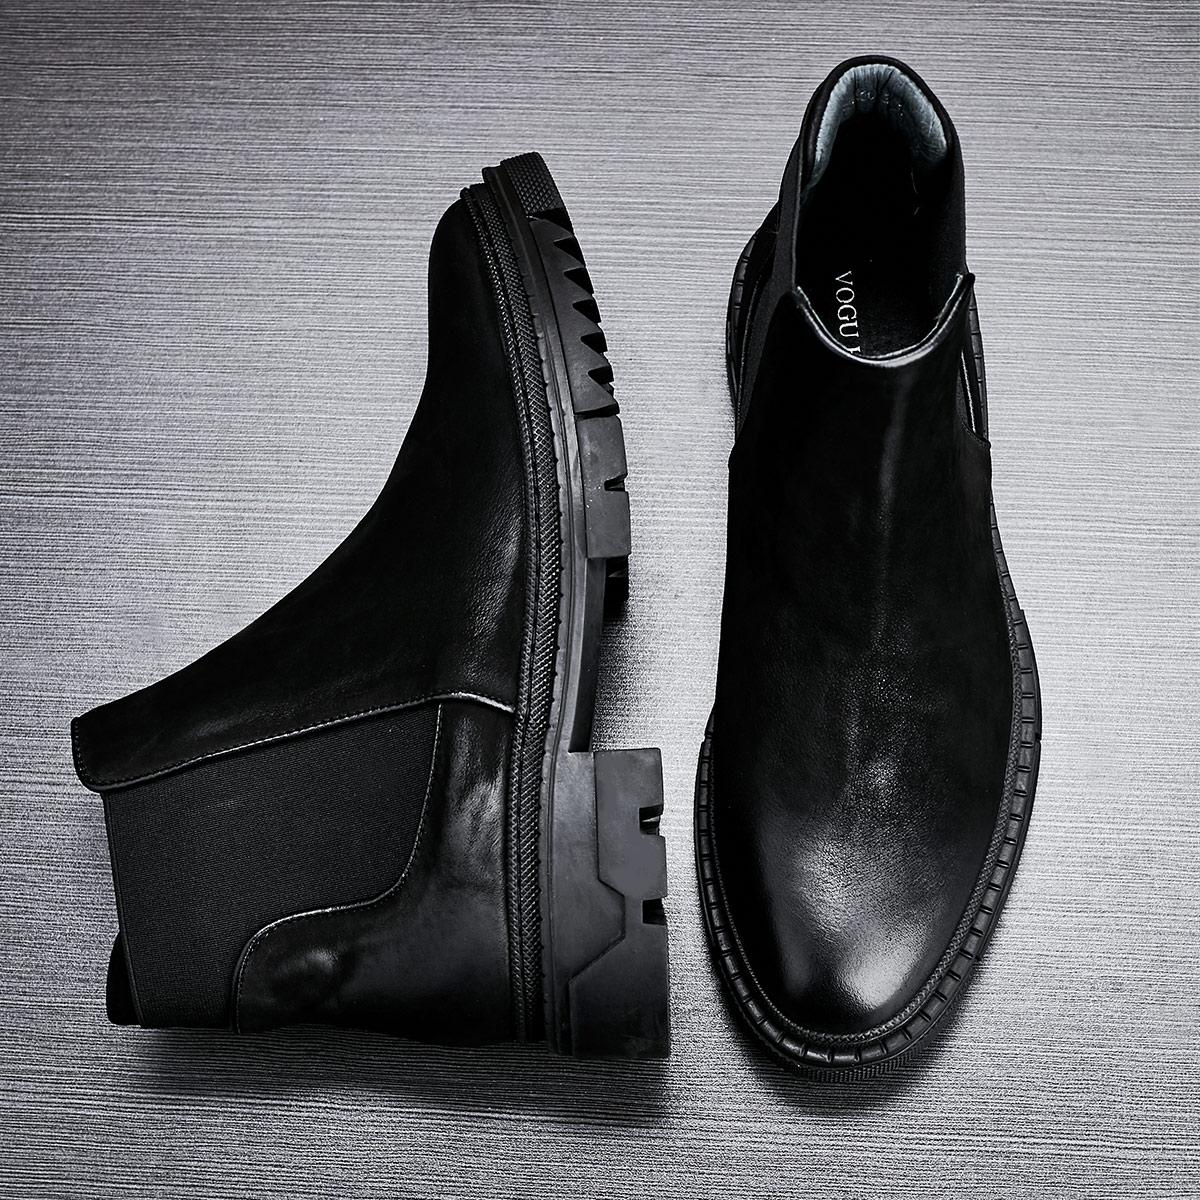 Bottoms grossas botas Chelsea Alta Qualidade do Couro Genuíno botas de outono inverno homens Britânicos sapatos de couro botas de combate militar - 3